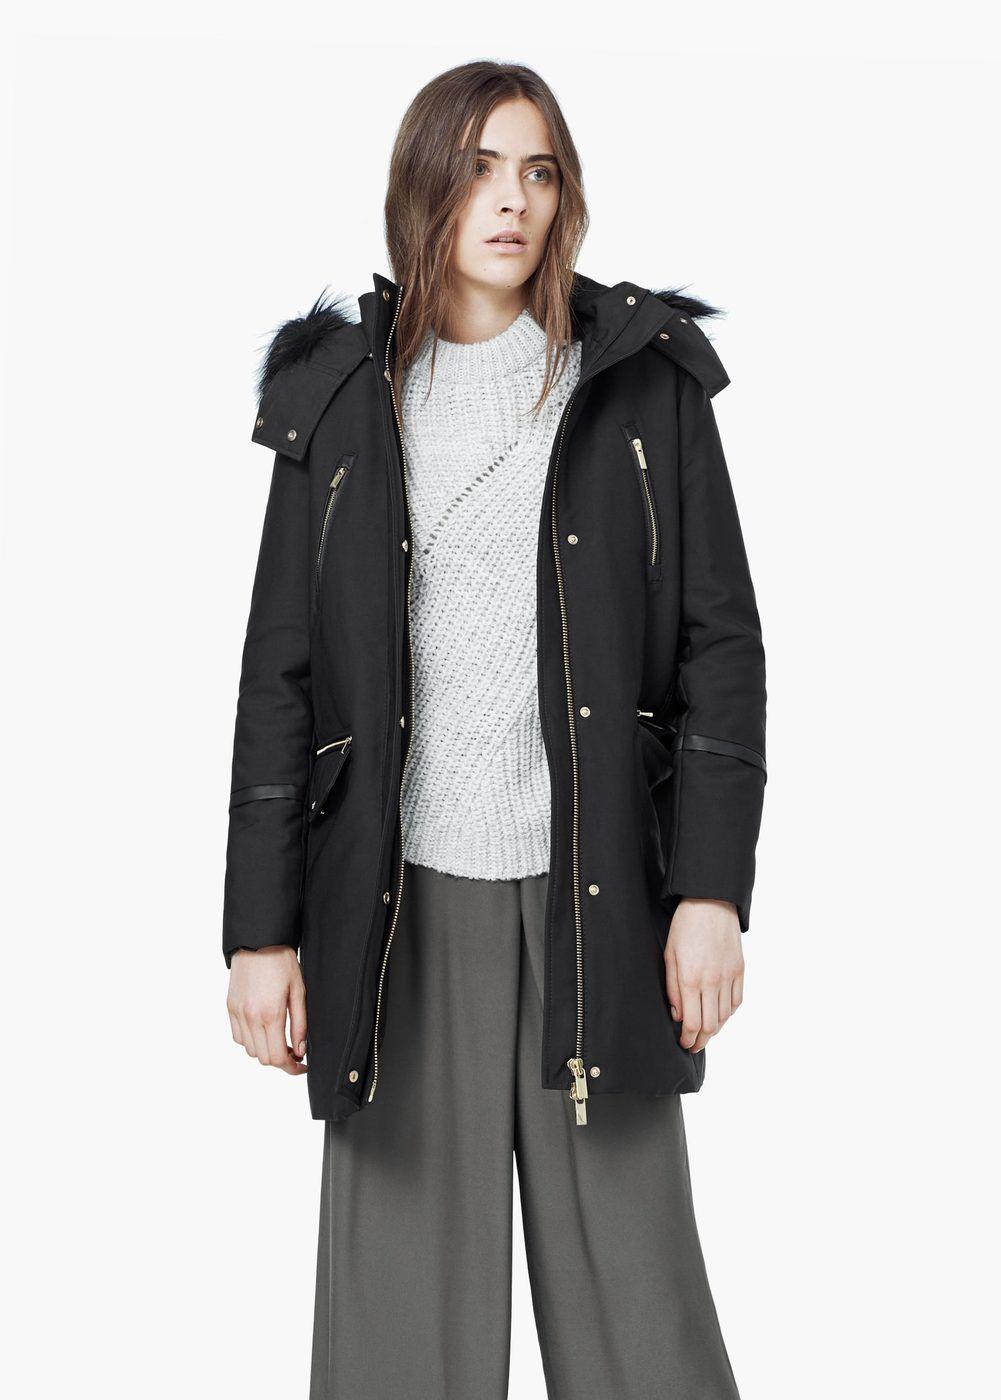 Anorak algodón capucha - Abrigos de Mujer | MANGO